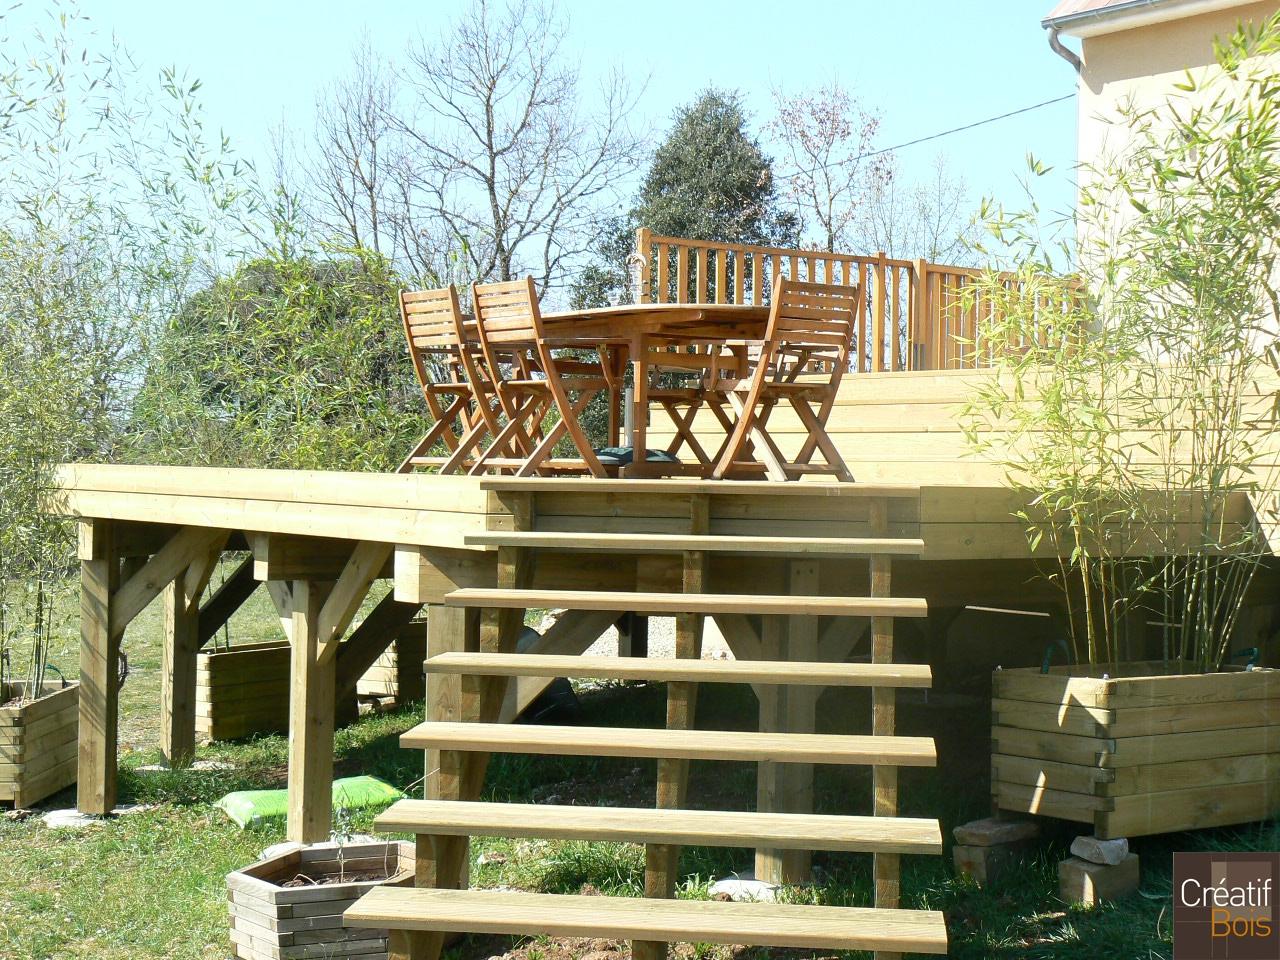 terrasse bois en hauteur avec escalier d acc s chasteaux corr ze 19 r alisations terrasses. Black Bedroom Furniture Sets. Home Design Ideas